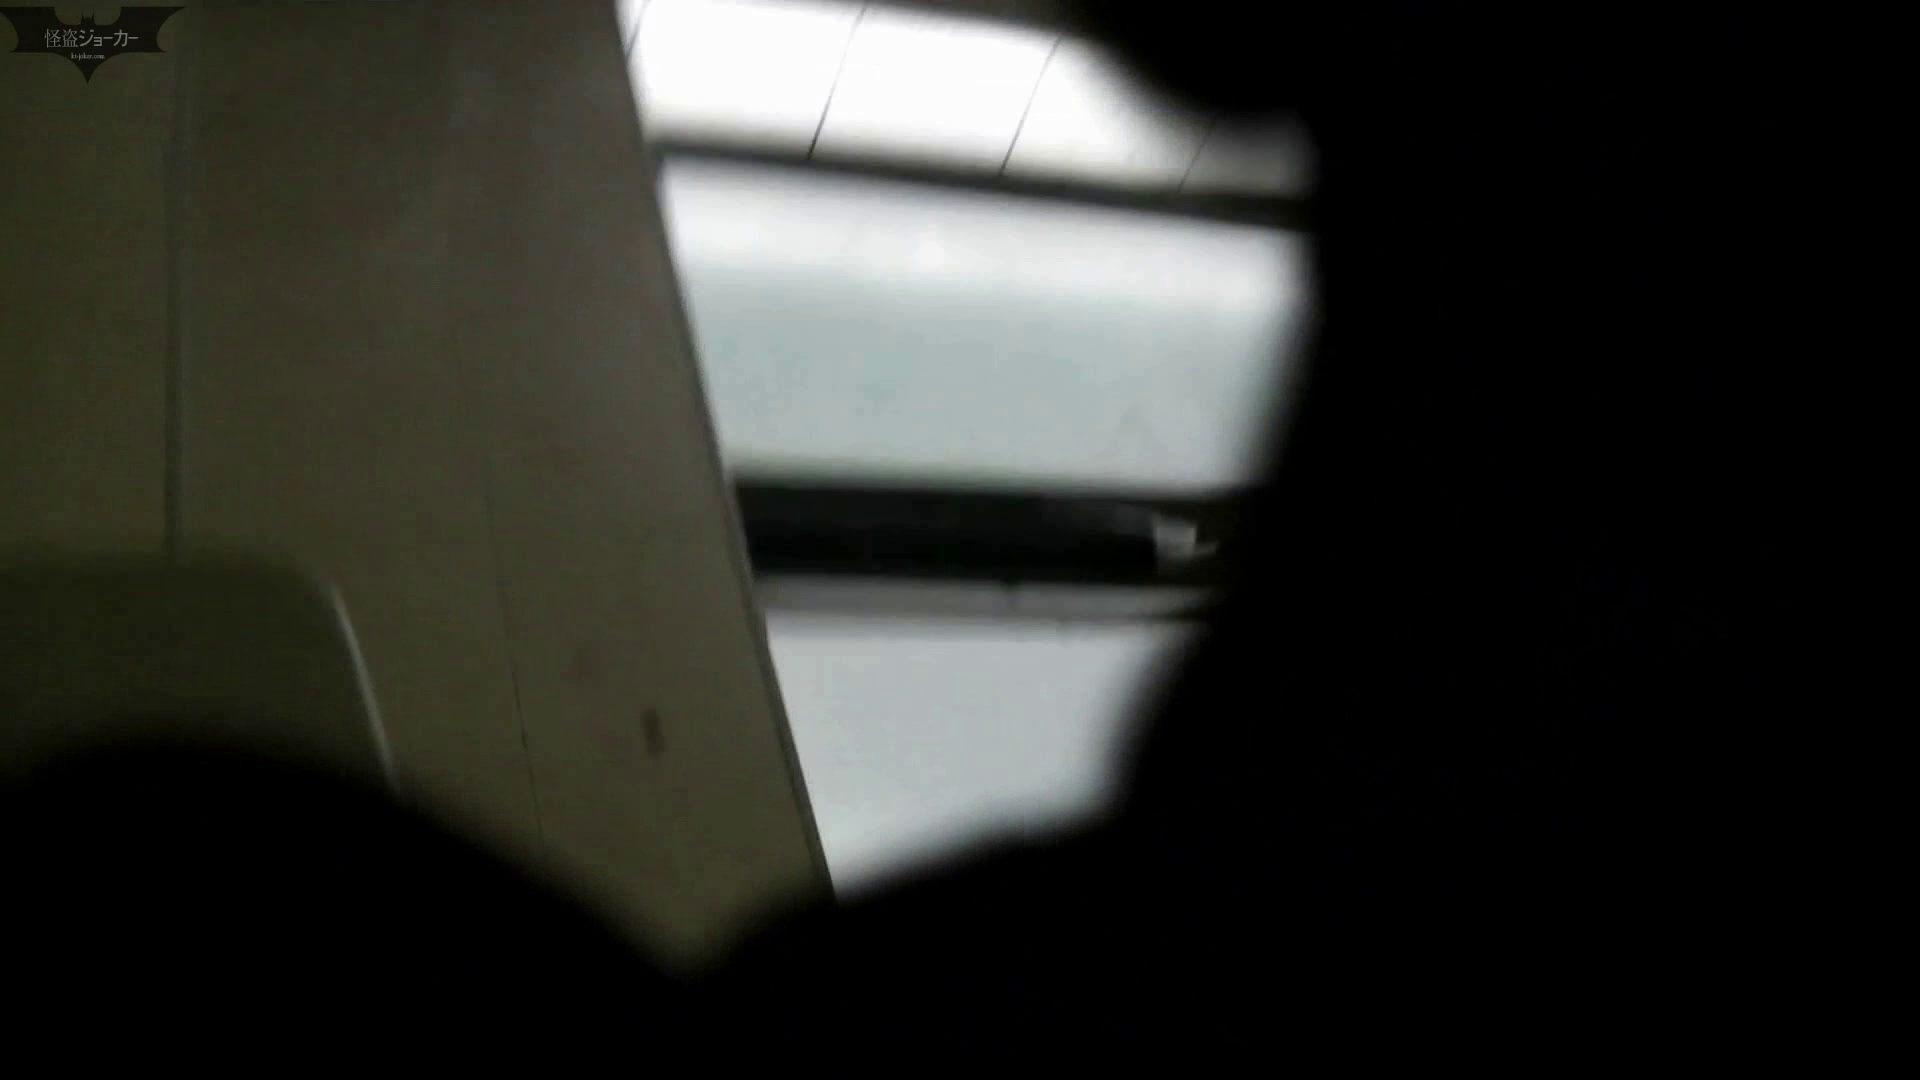 ステーション編 vol.25 必見桜庭みなみ?似 登場! ギャルズ ワレメ無修正動画無料 87画像 56